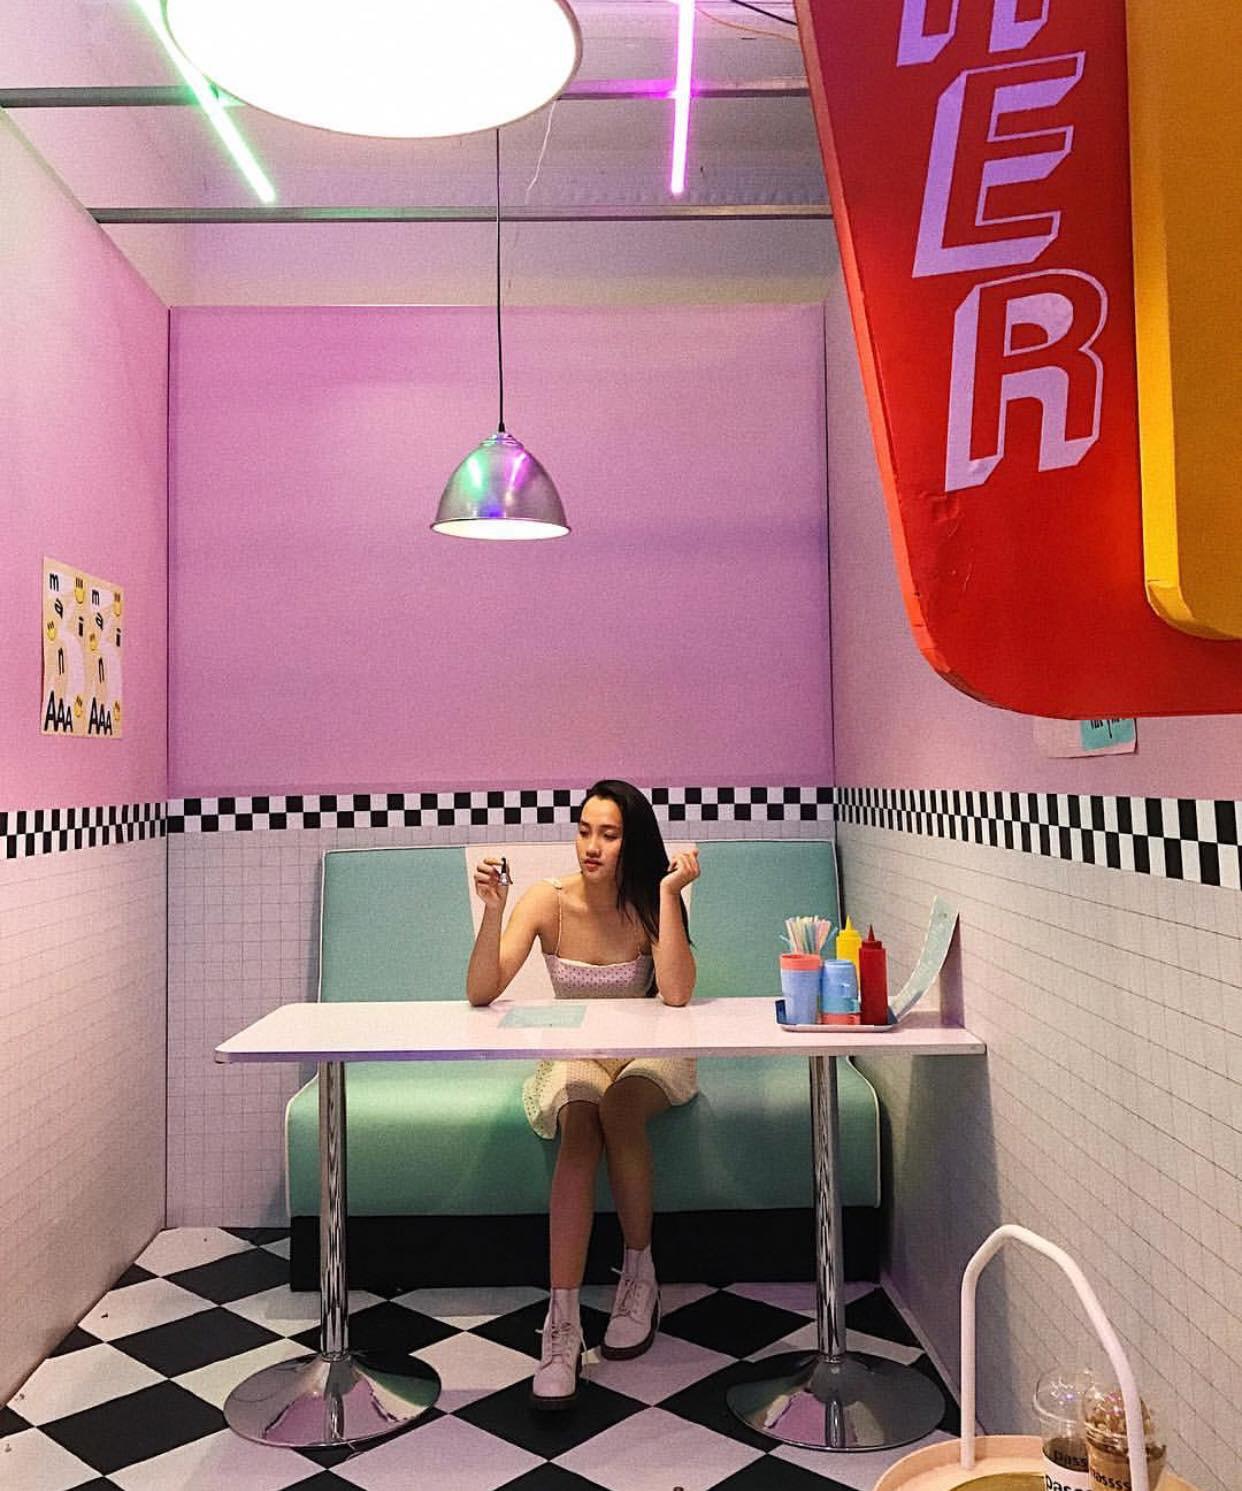 Lâu ngày trở lại, The New District tiếp tục gây sốt nhờ vào photobooth đẹp như phim điện ảnh - Ảnh 22.